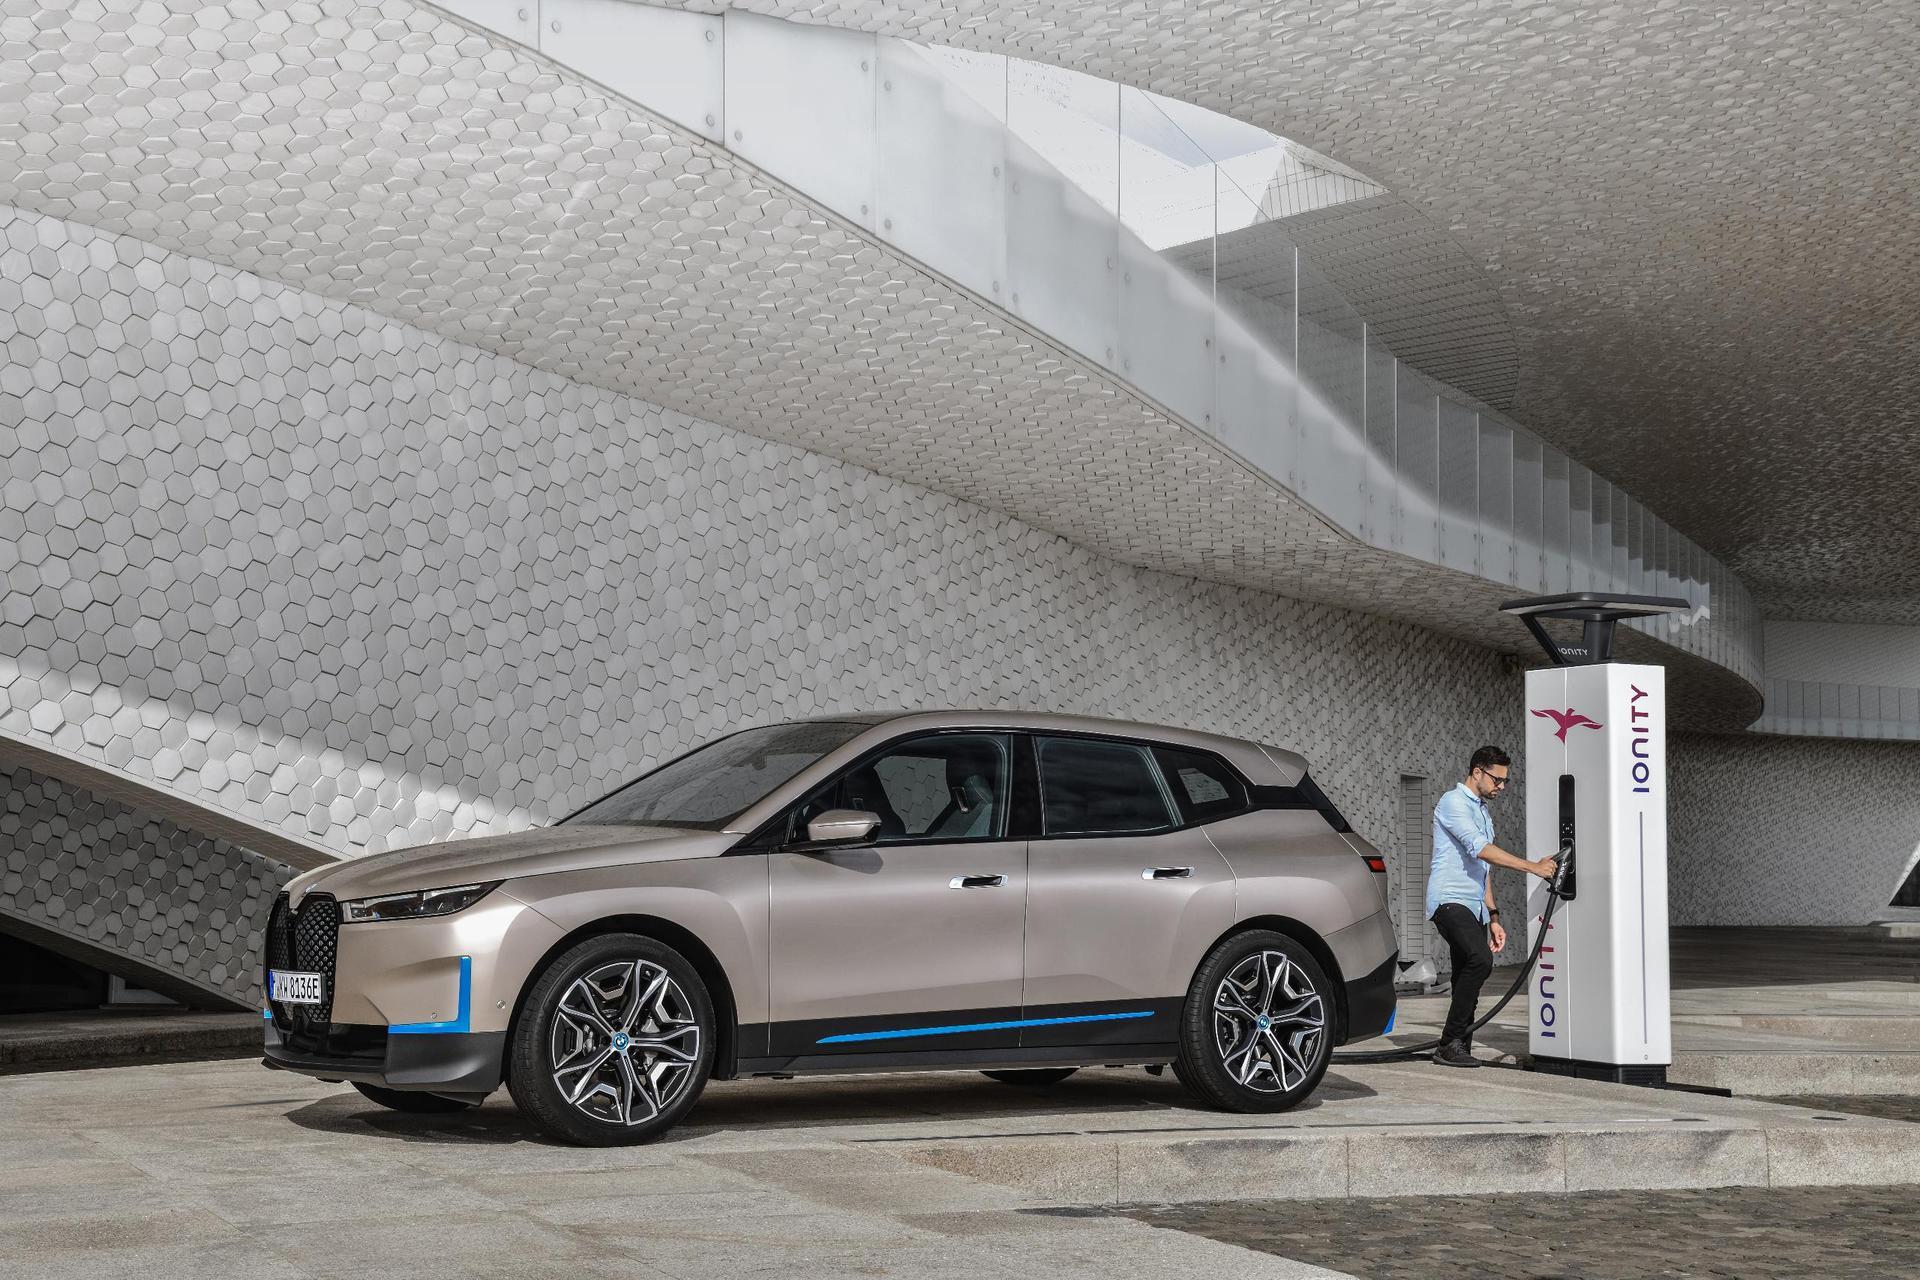 BMW präsentiert Elektro-Vorzeigemodell iX Elektro Luxus-SUV